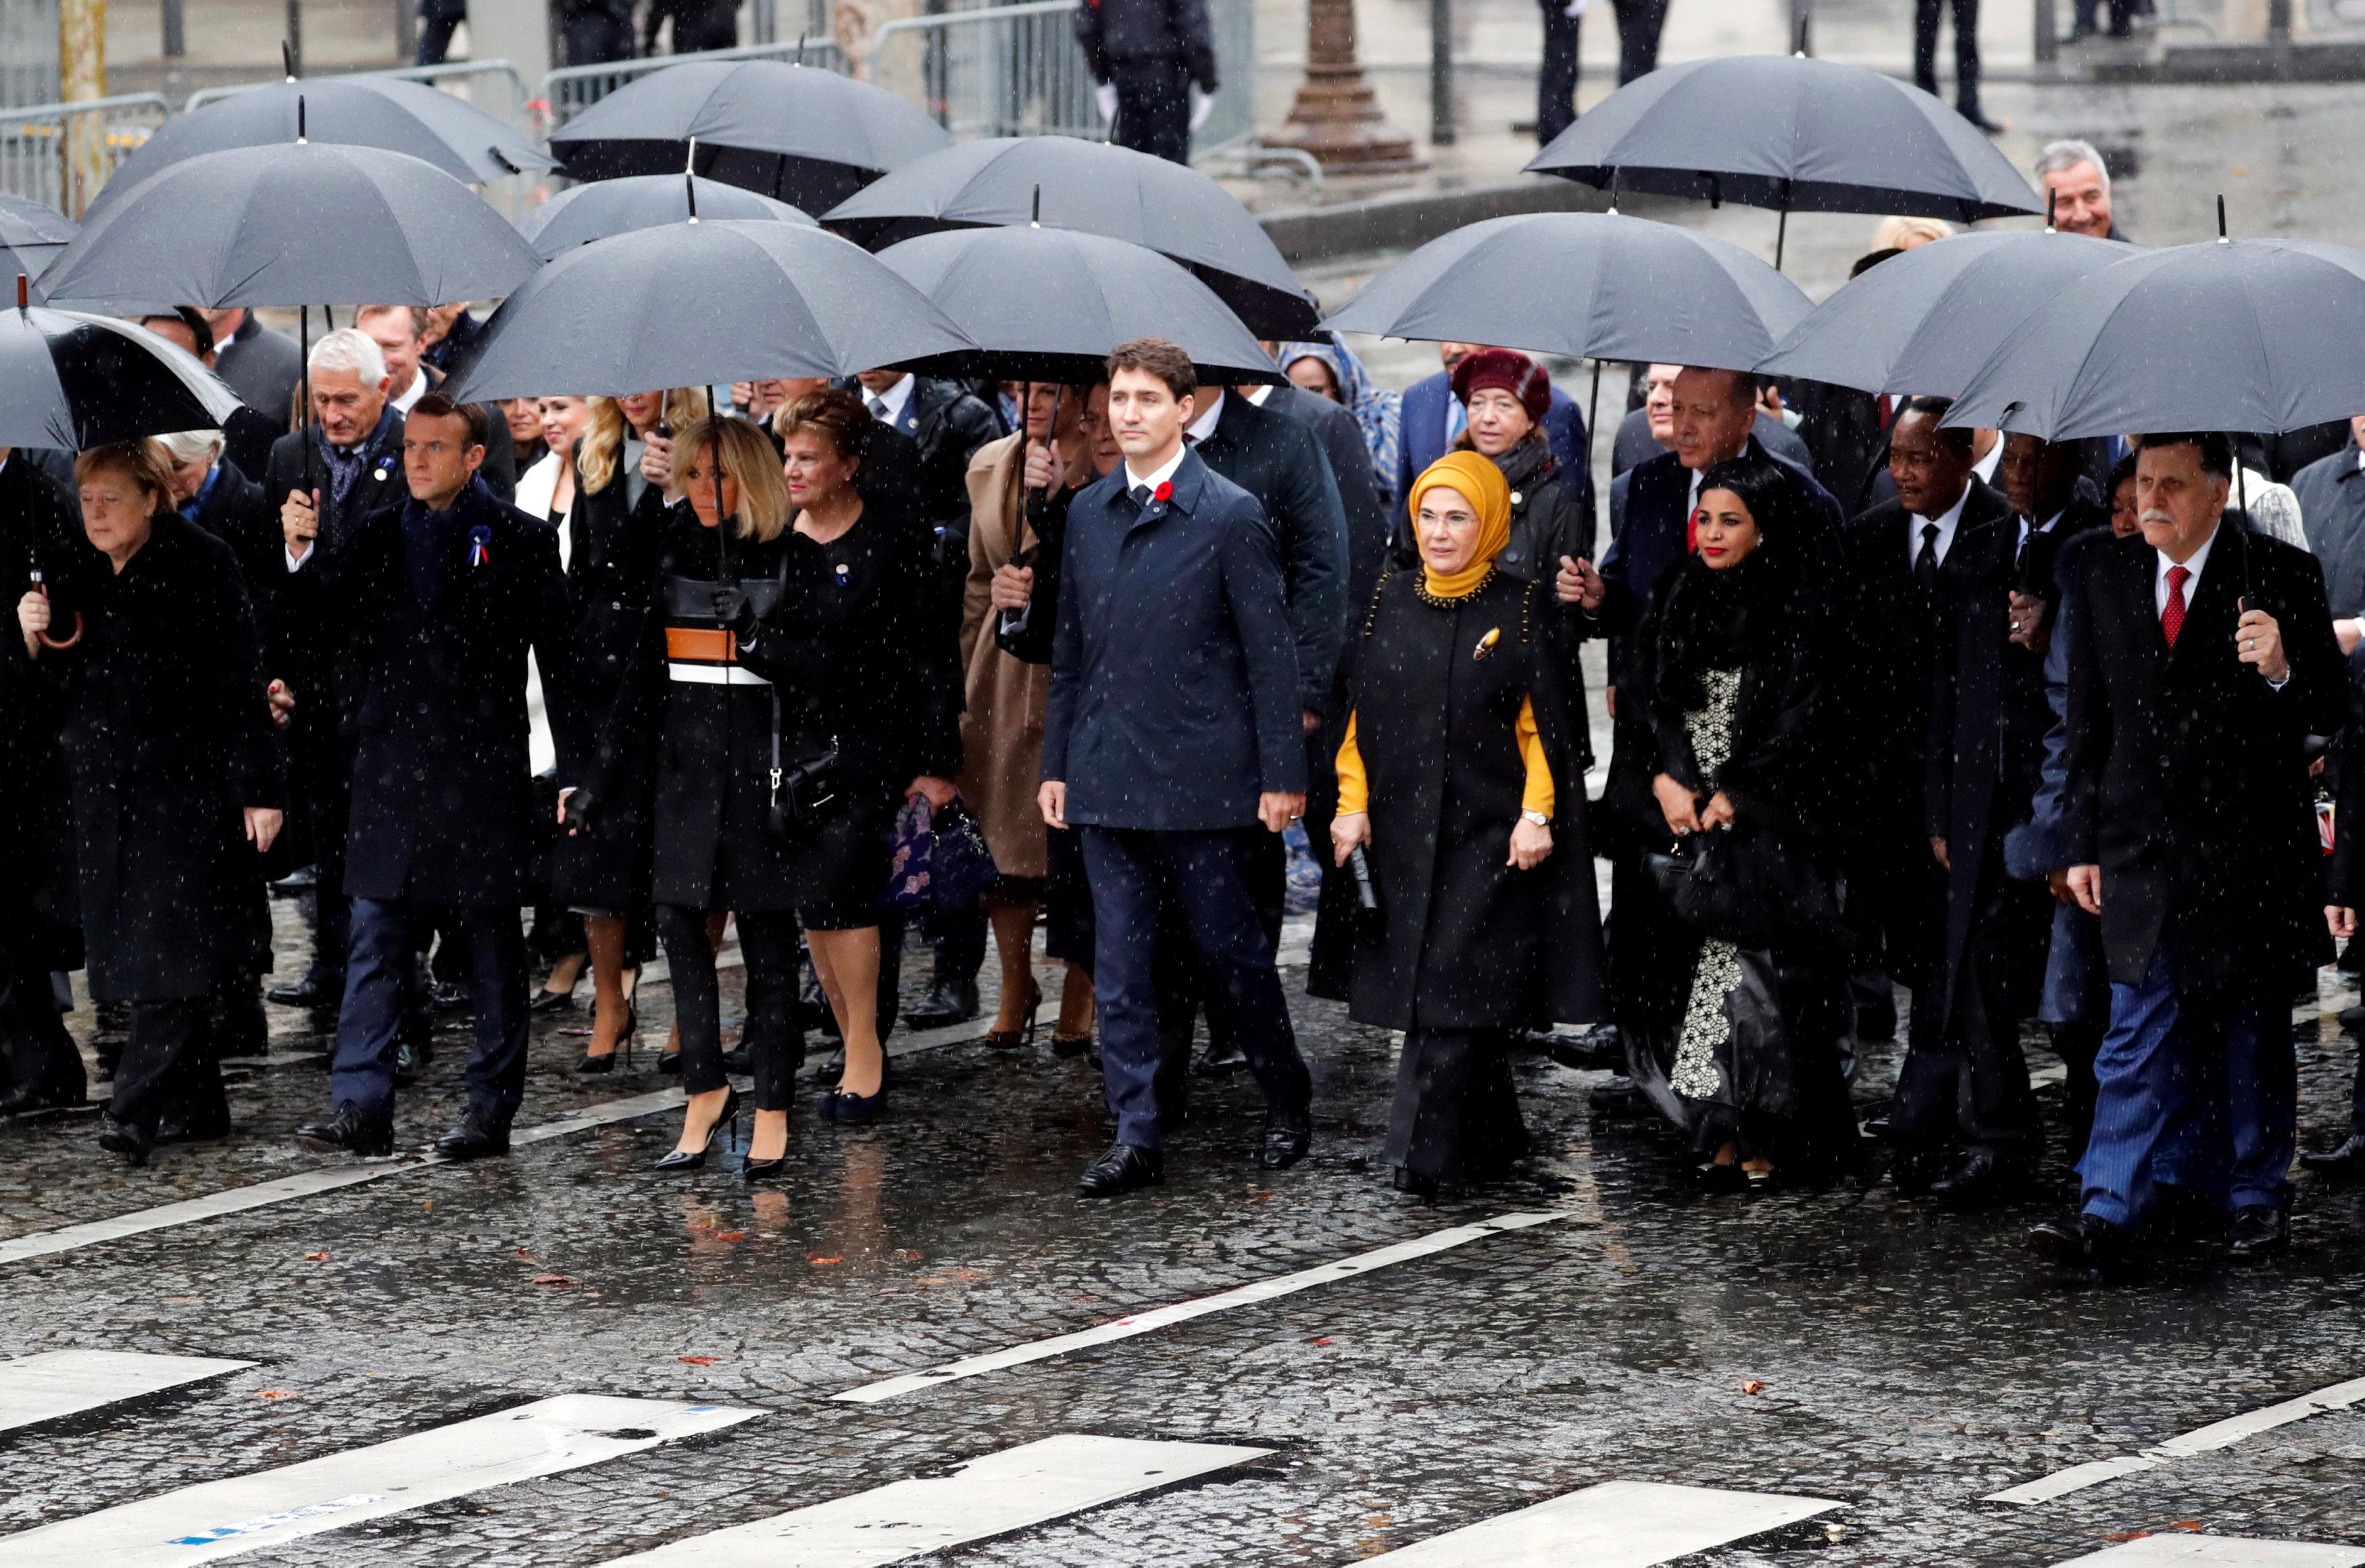 قادة العالم يحيون ذكرى ضحايا الحرب العالمية (5)